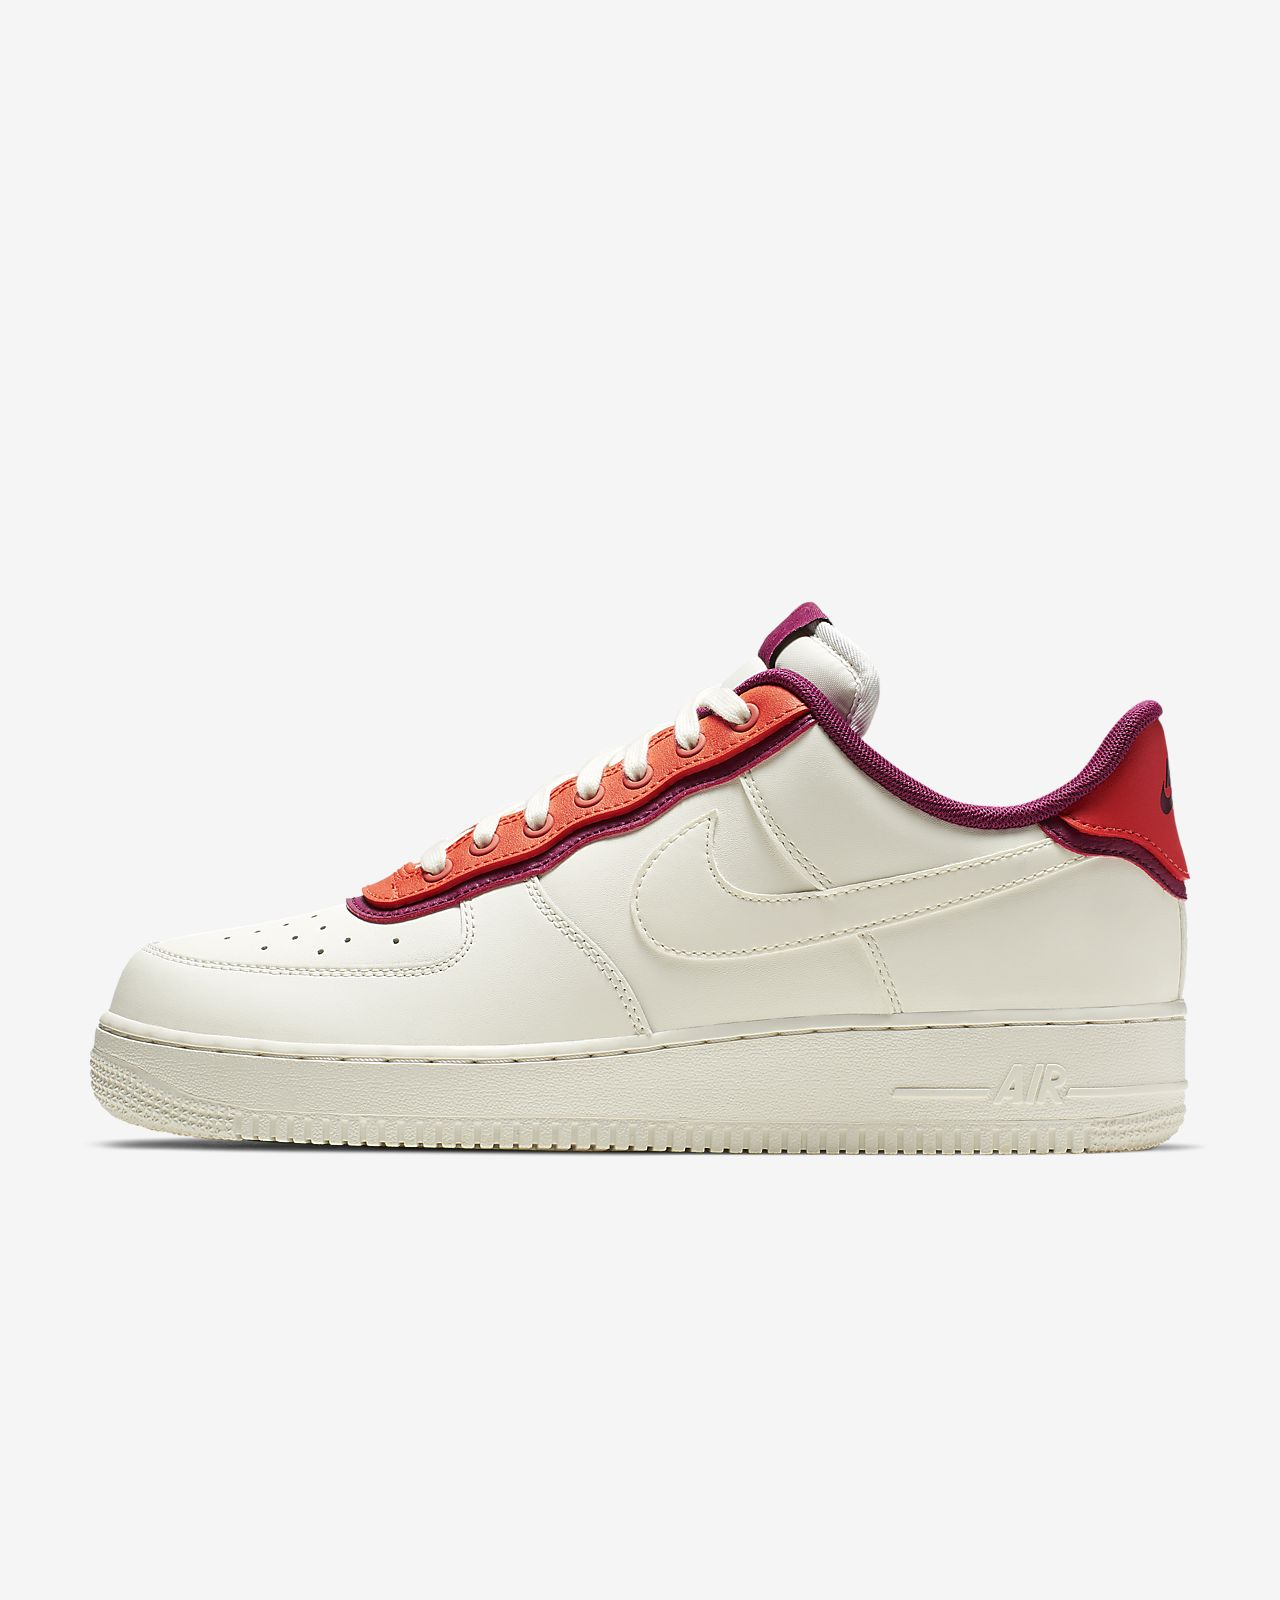 Nike Air Force 1 '07 LV8 1 Herenschoen